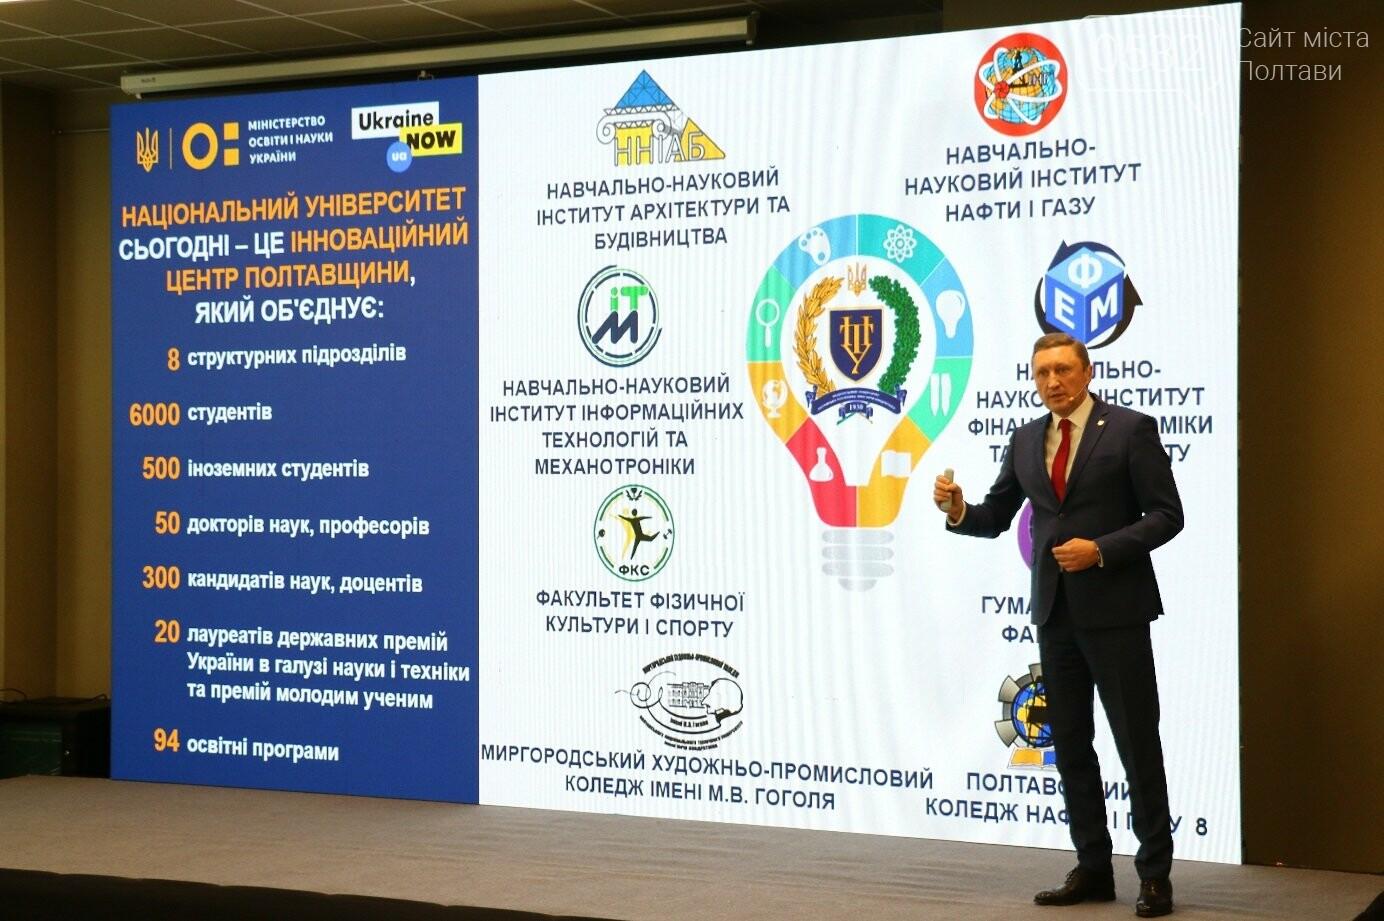 Полтавський національний технічний університет імені Юрія Кондратюка став «Полтавською політехнікою», фото-3